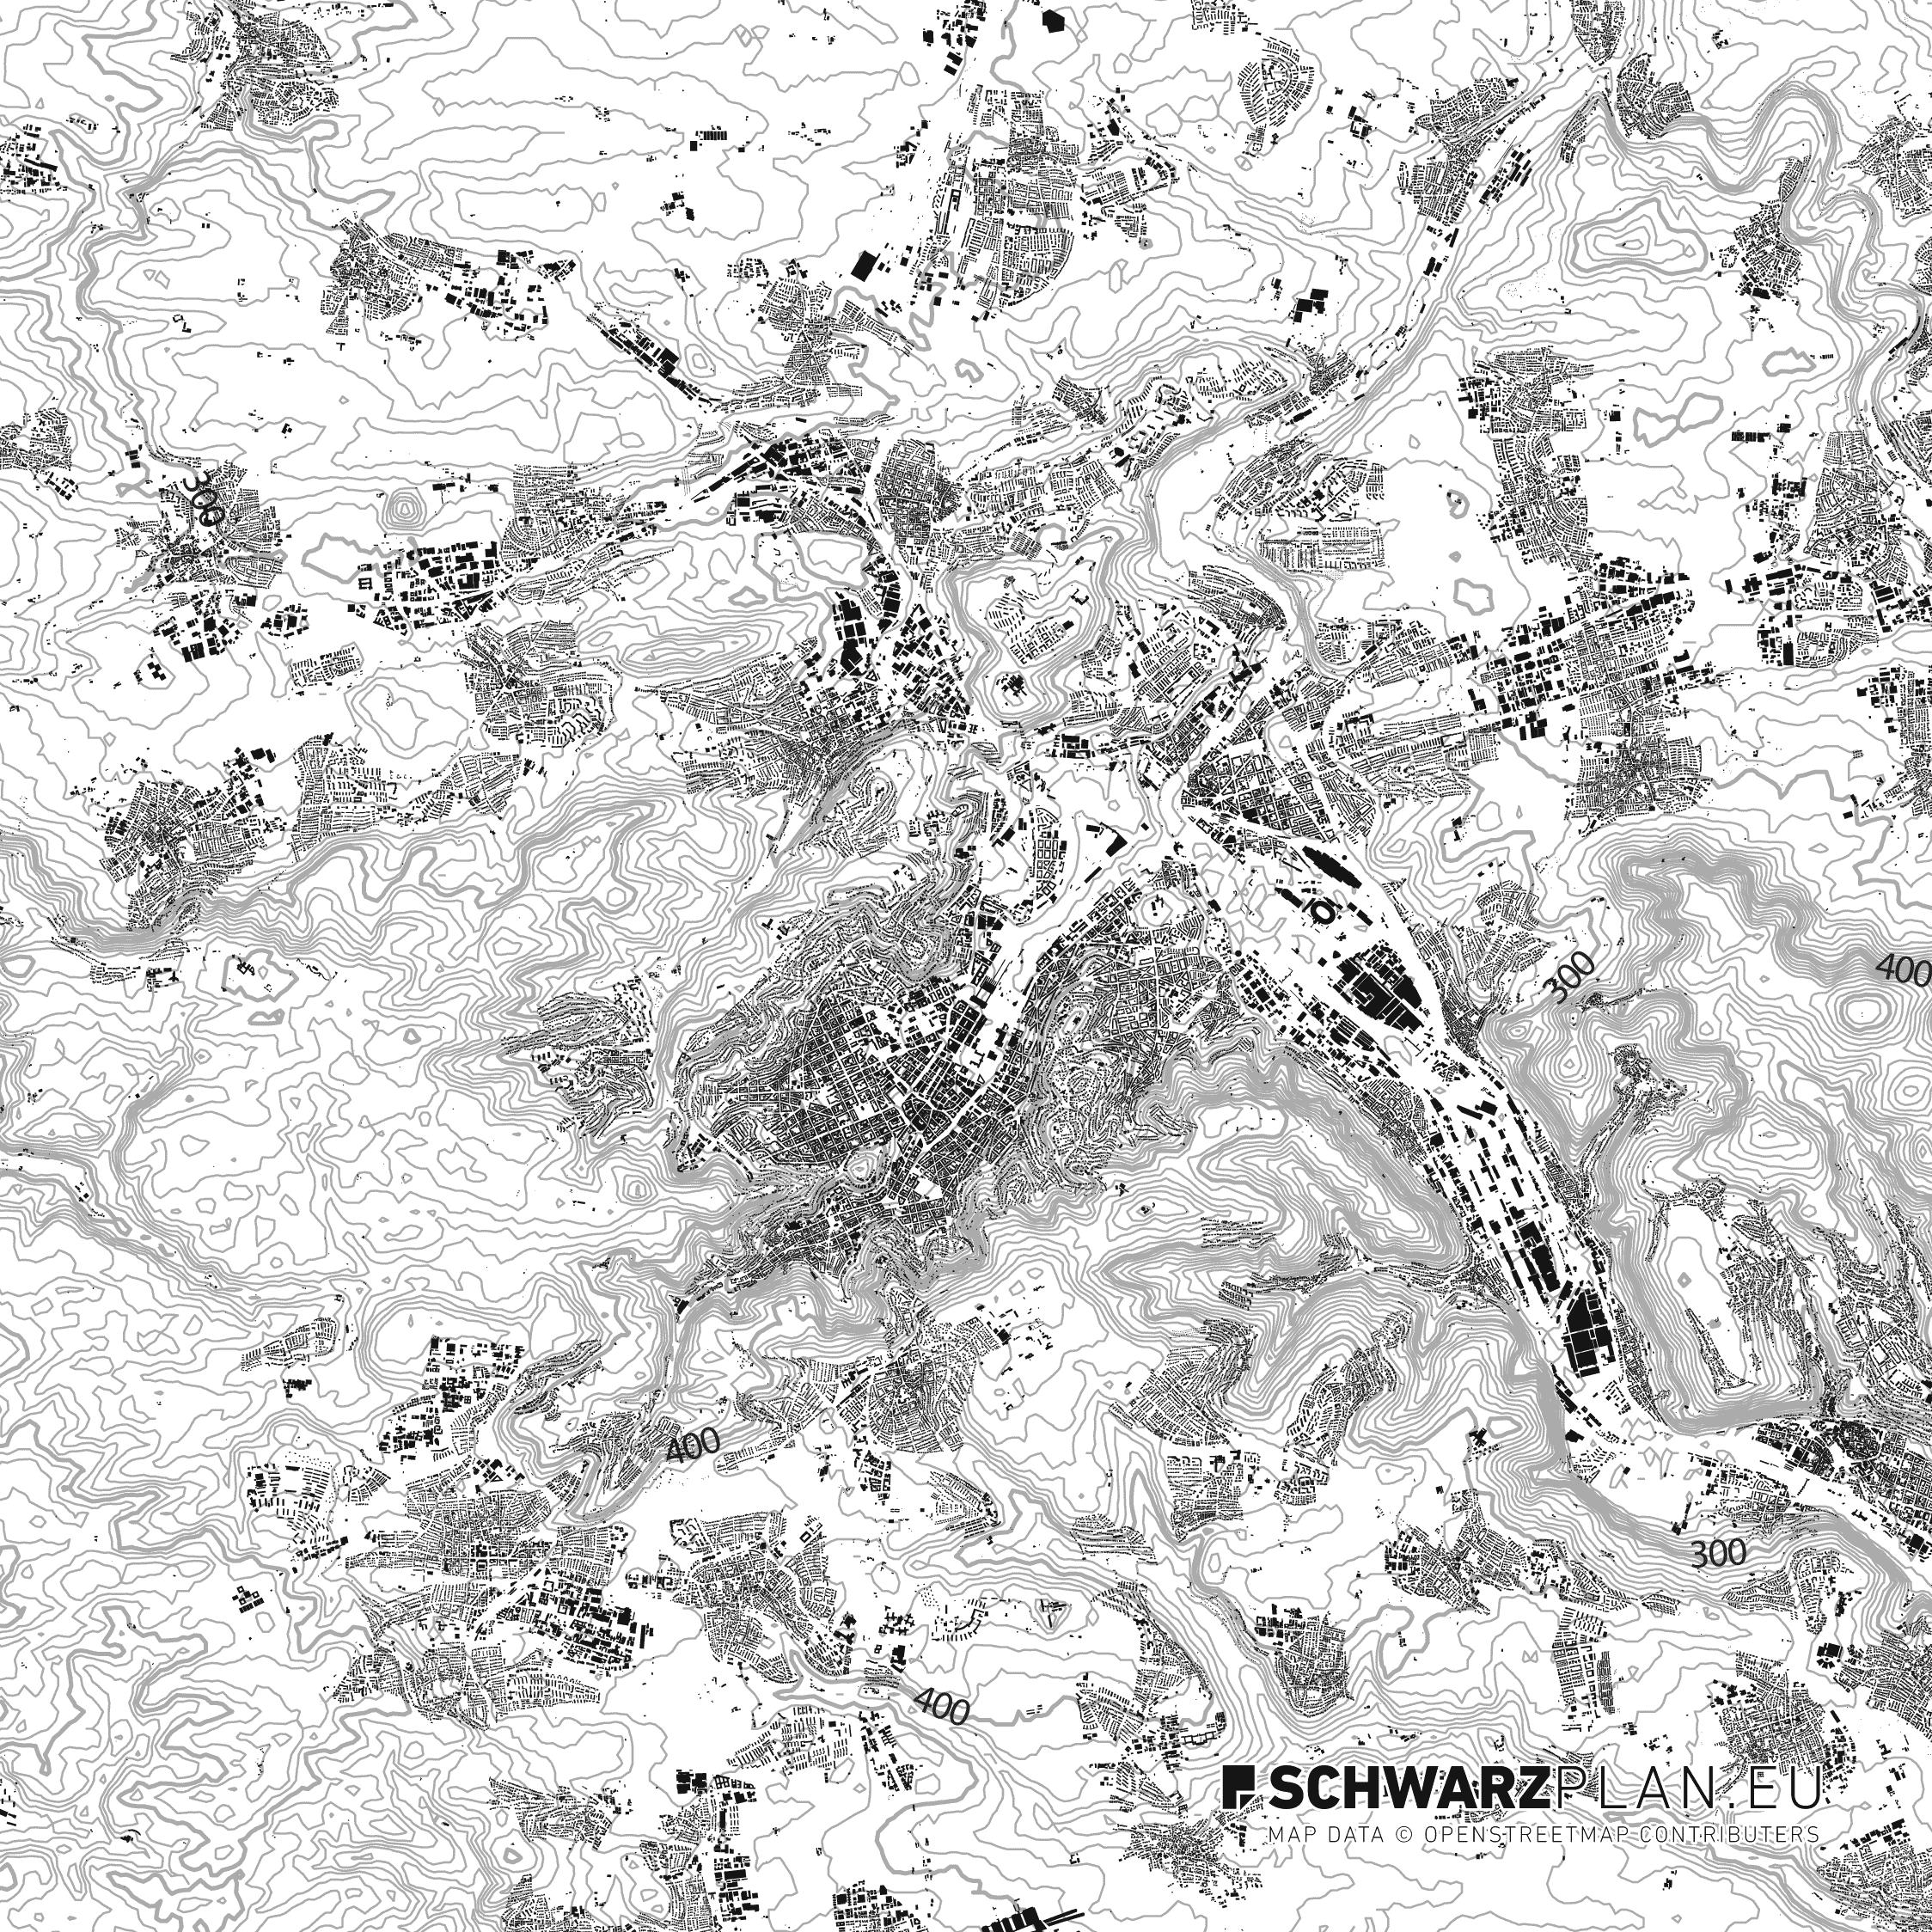 Schwarzplan von Stuttgart